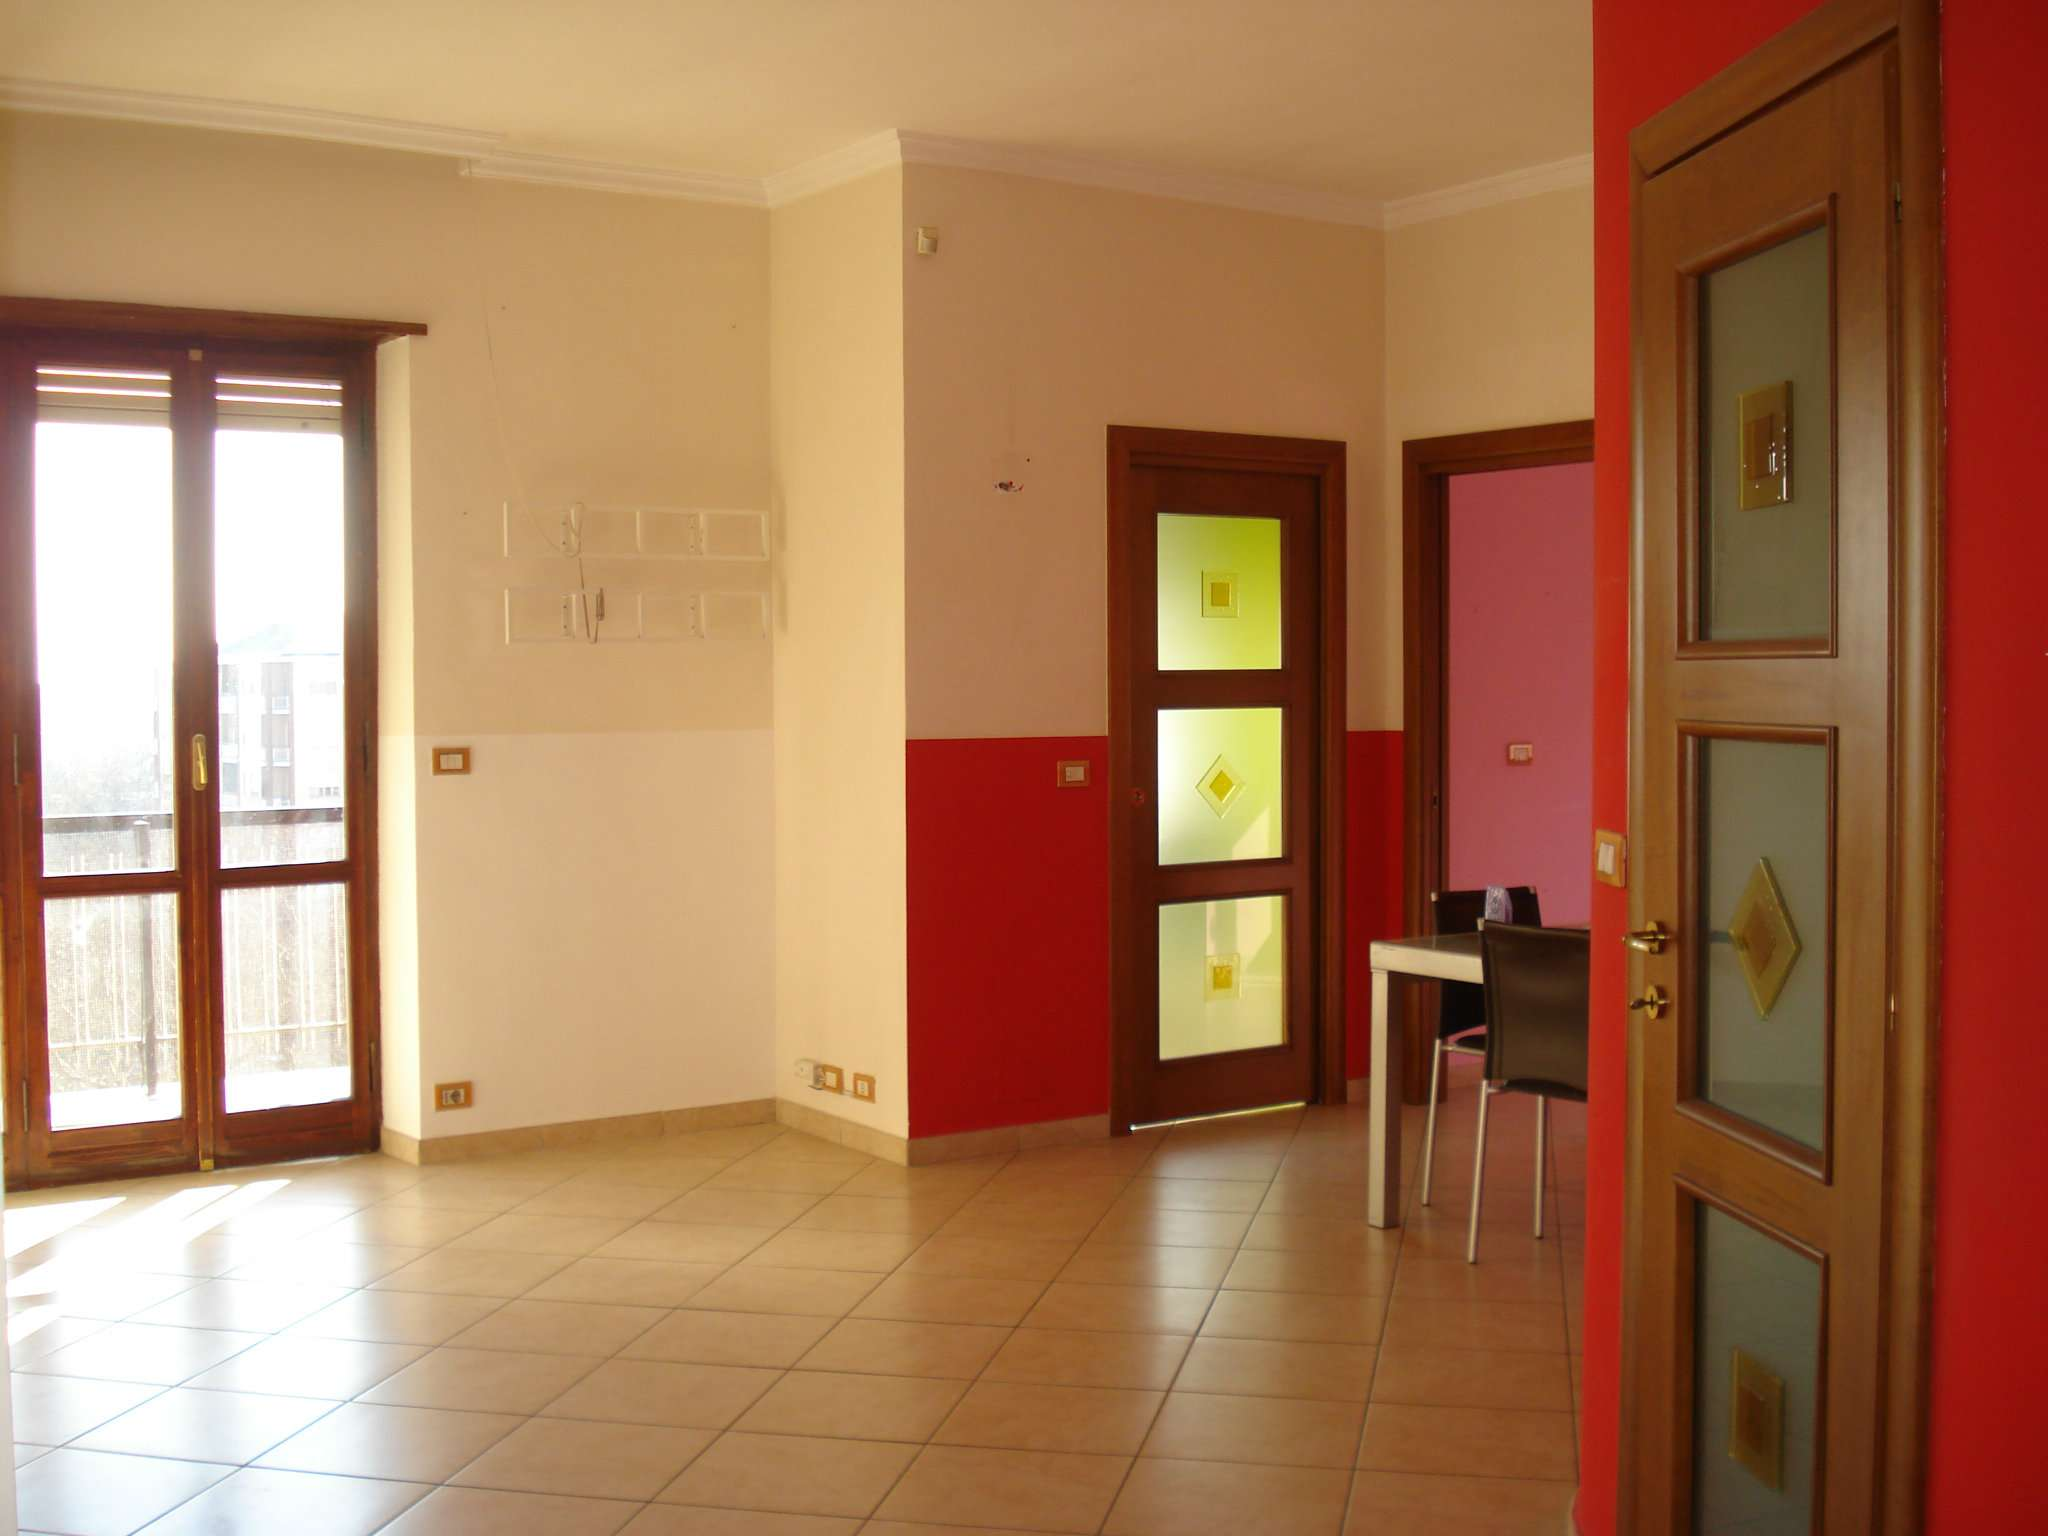 Appartamento in vendita a Beinasco, 4 locali, prezzo € 158.000 | CambioCasa.it